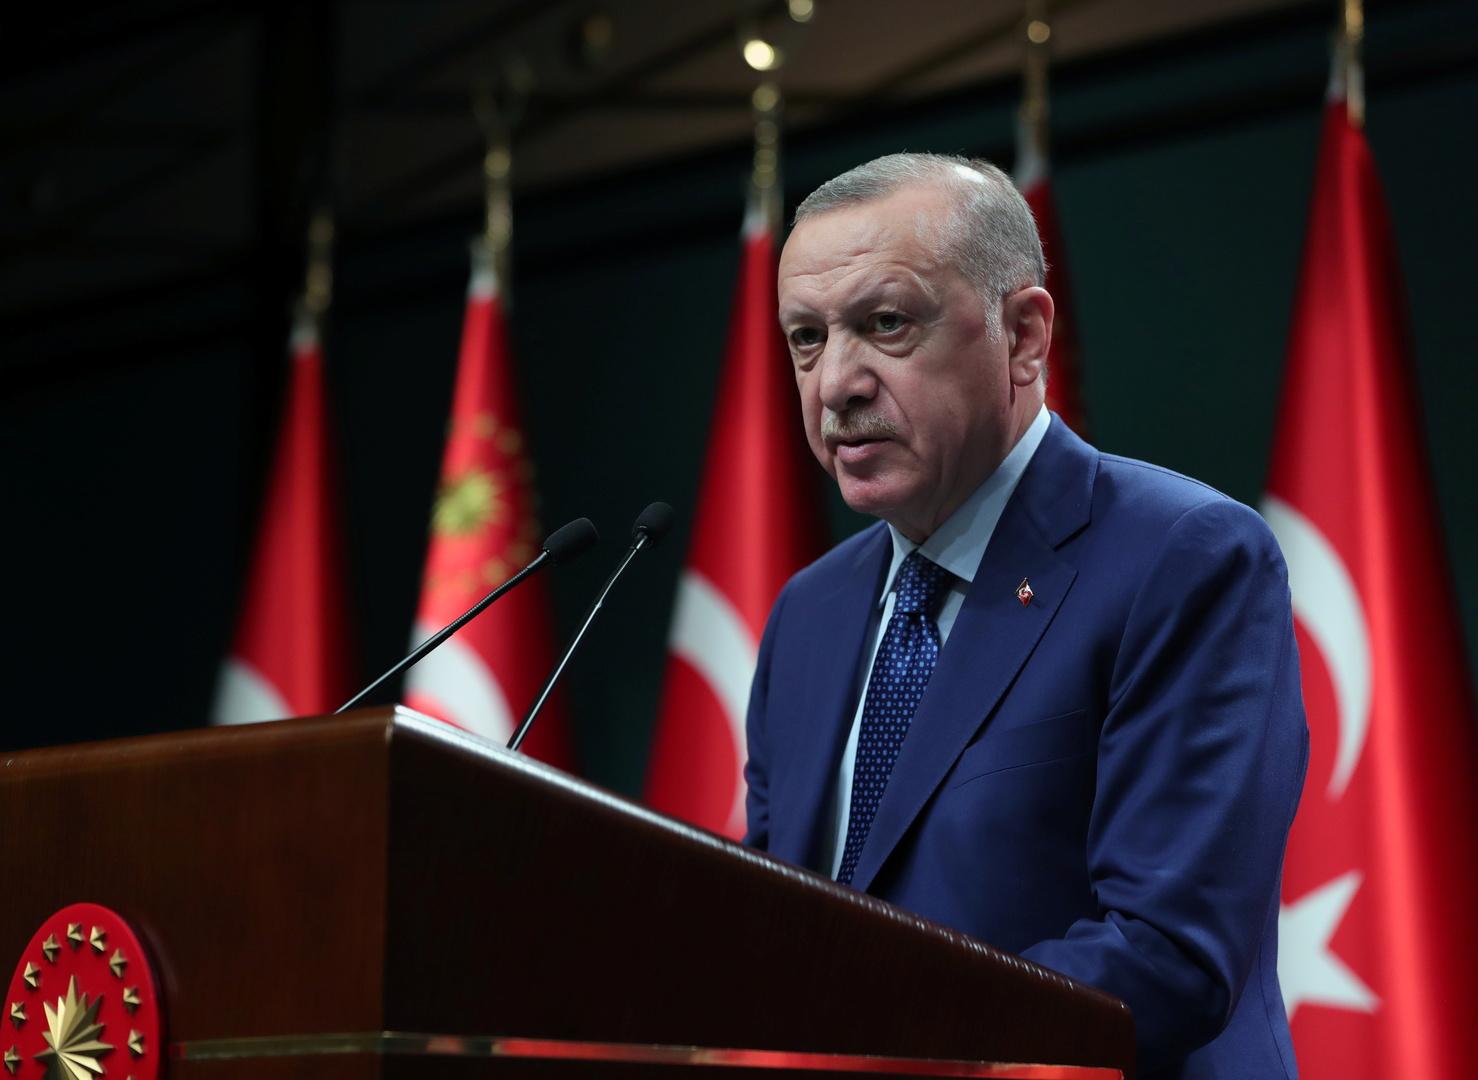 أردوغان: مشروع قناة إسطنبول لا علاقة له باتفاقية